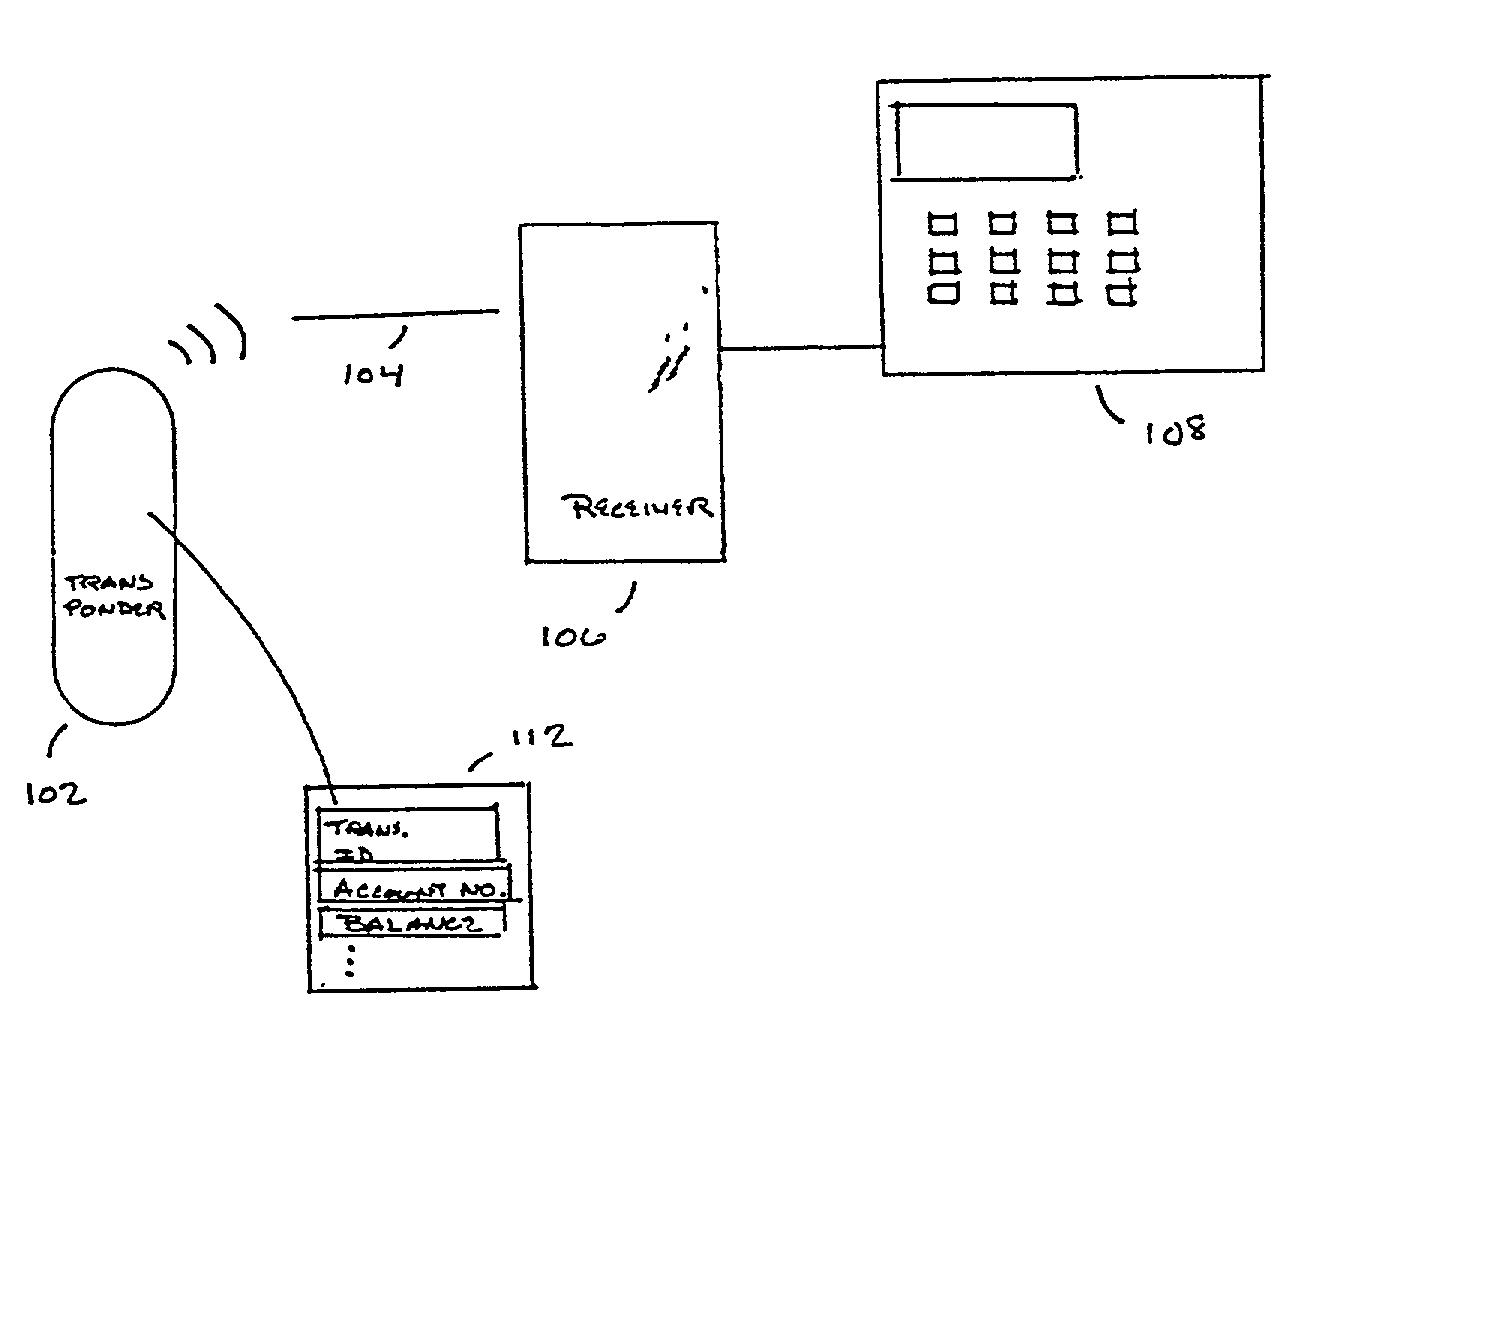 schmitttrigger rc oscillator circuit diagram tradeoficcom wiring rh 1 klzxc berufsorientierung emsland mitte de